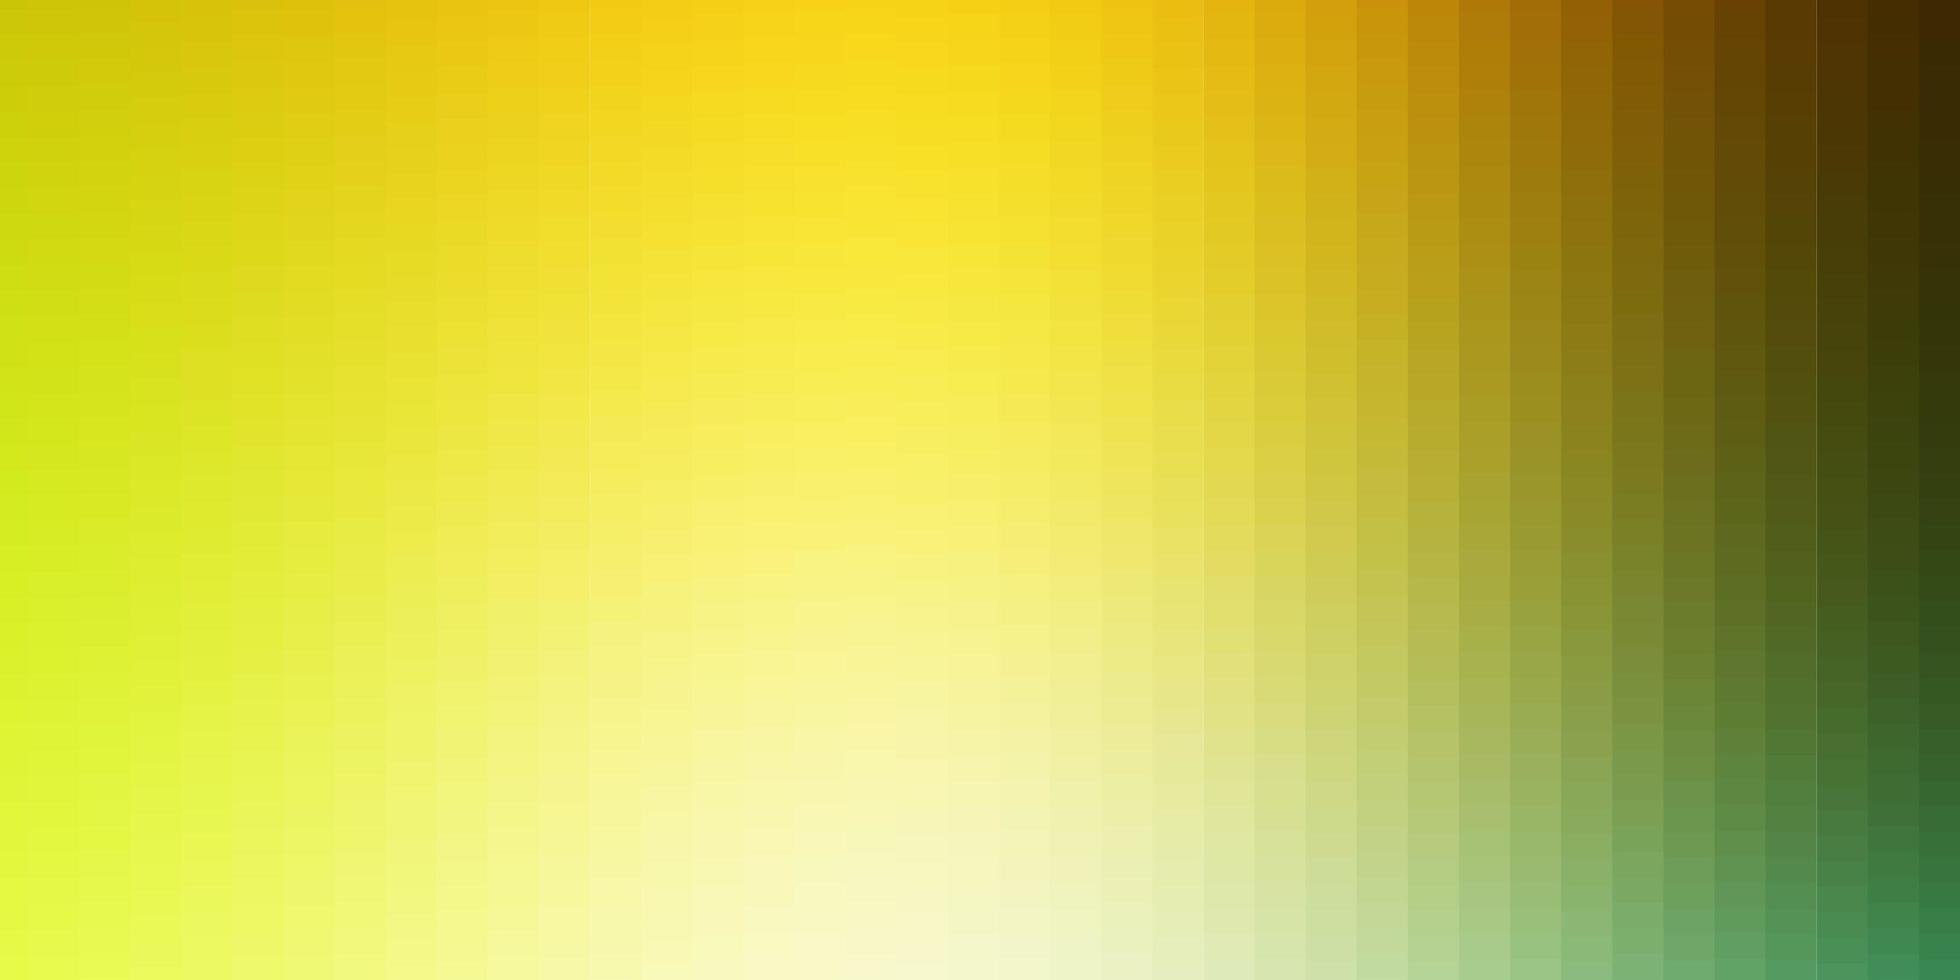 lichtgroen, geel vectorpatroon in vierkante stijl. vector